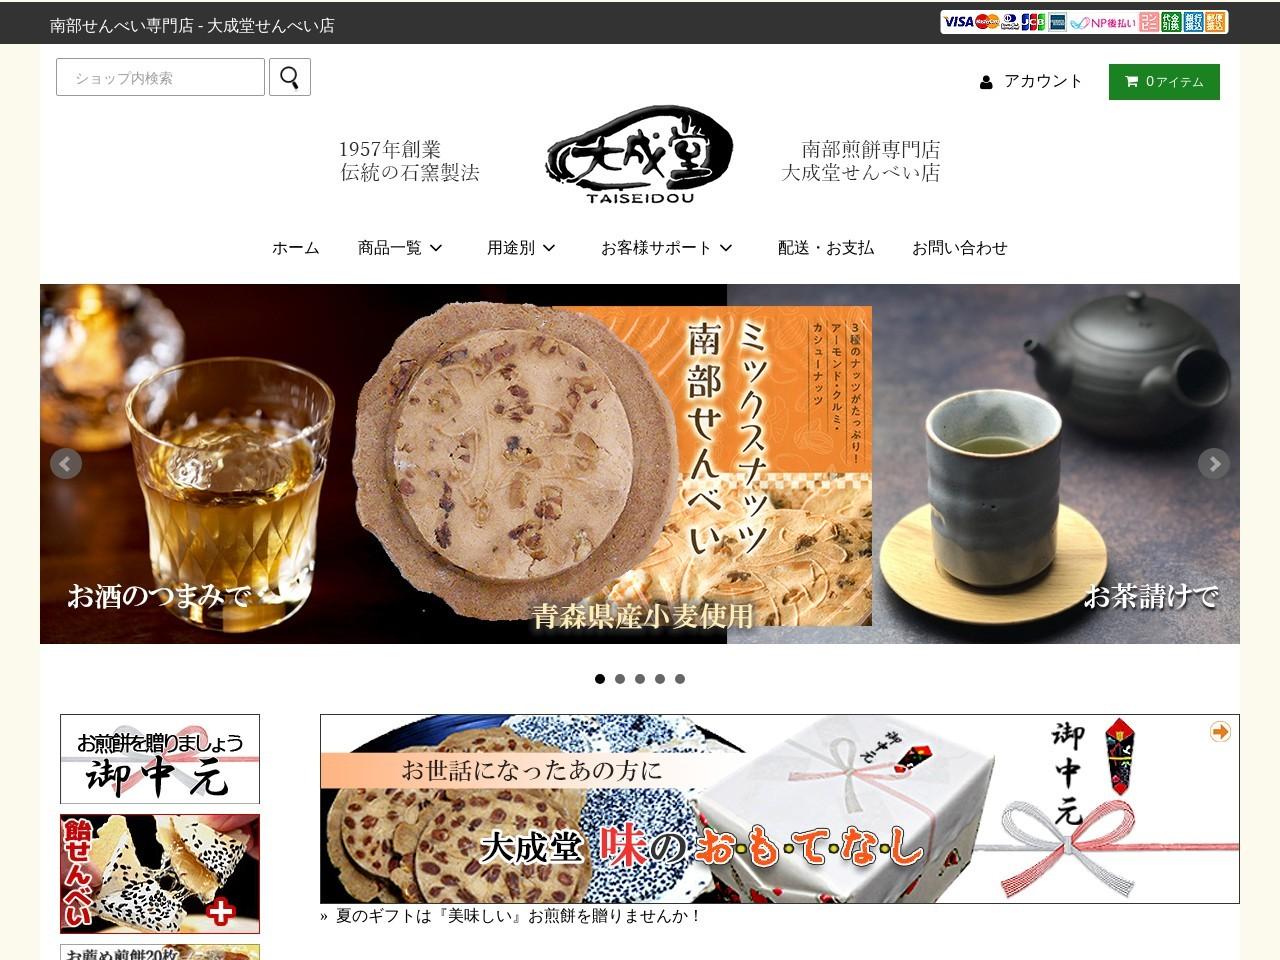 大成堂製菓/工場